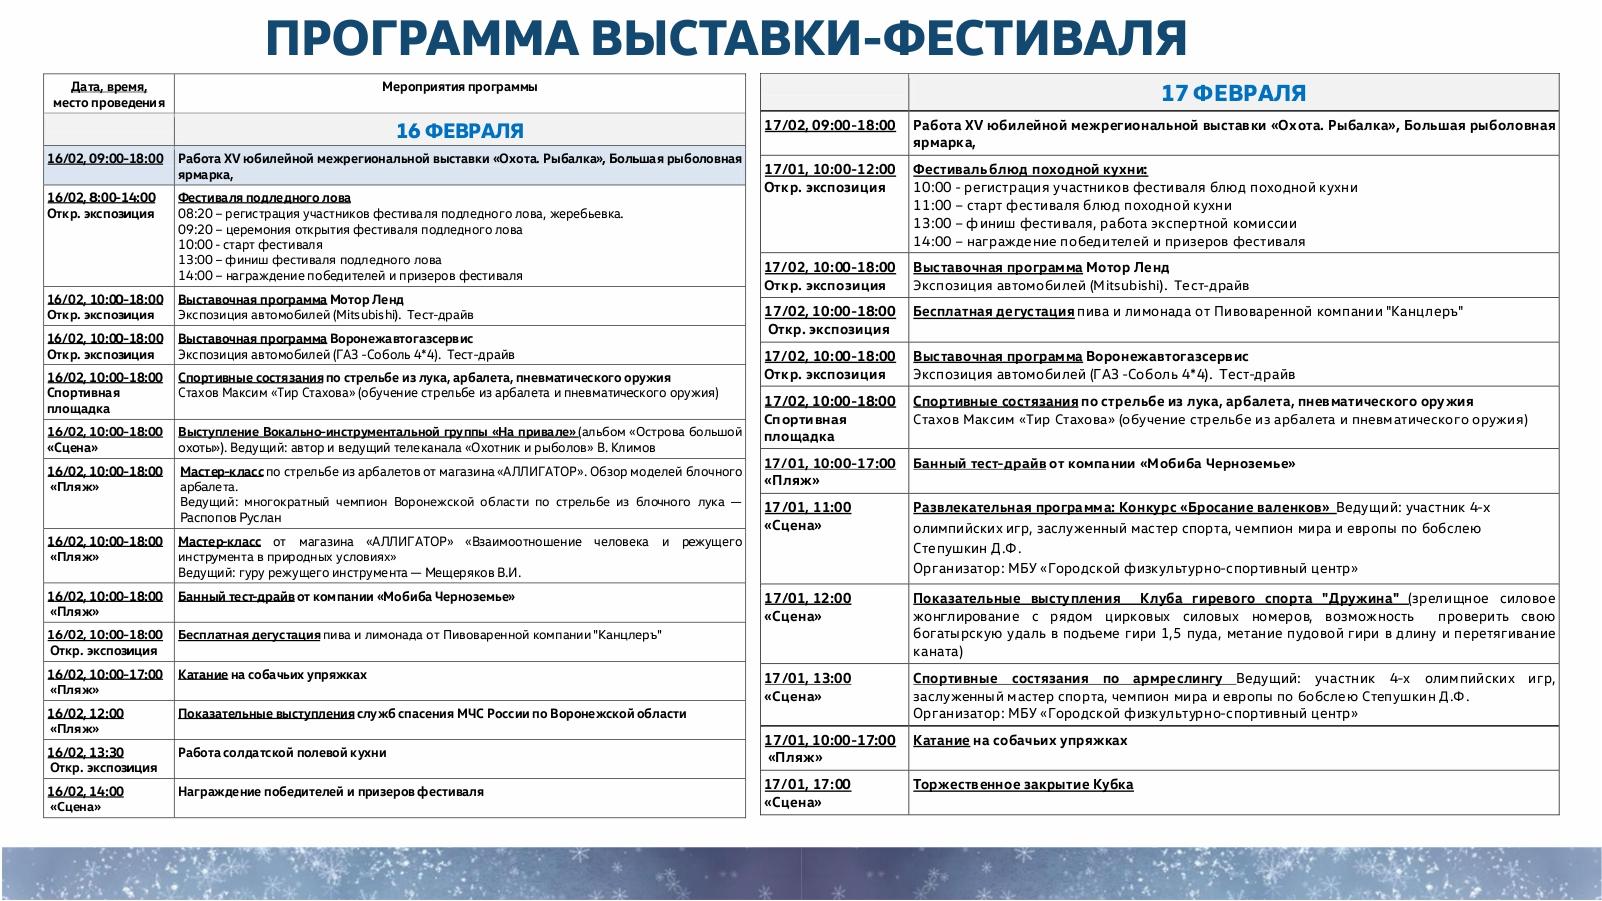 http://veta.ru/site_data/s23/ohota%20i%20ribalka%202019/programma_1.jpg